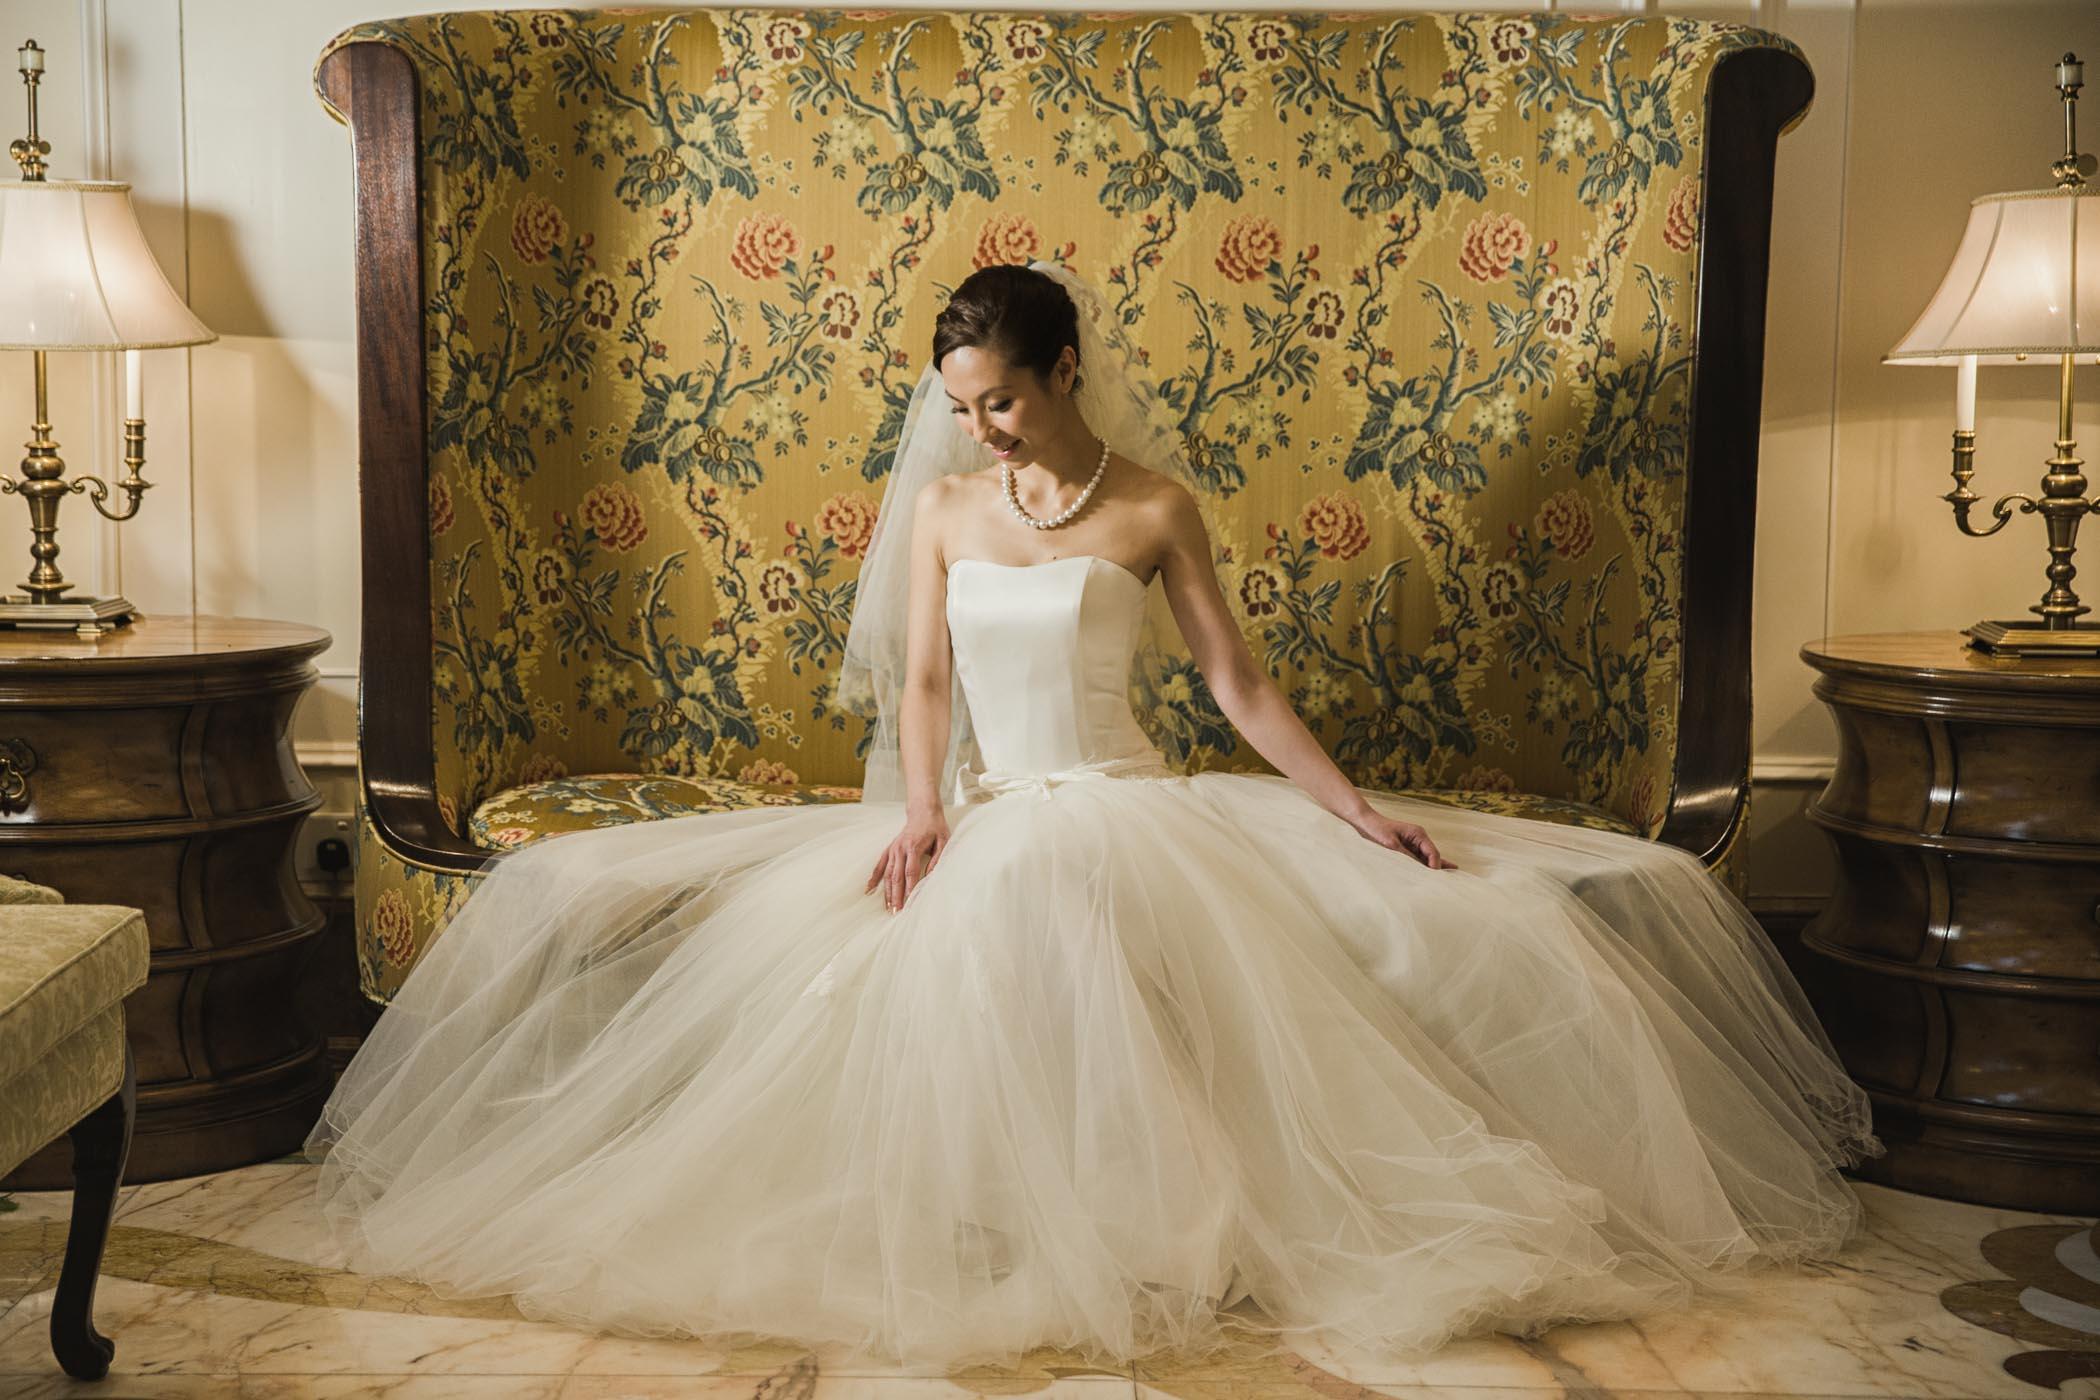 wedding0072.jpg